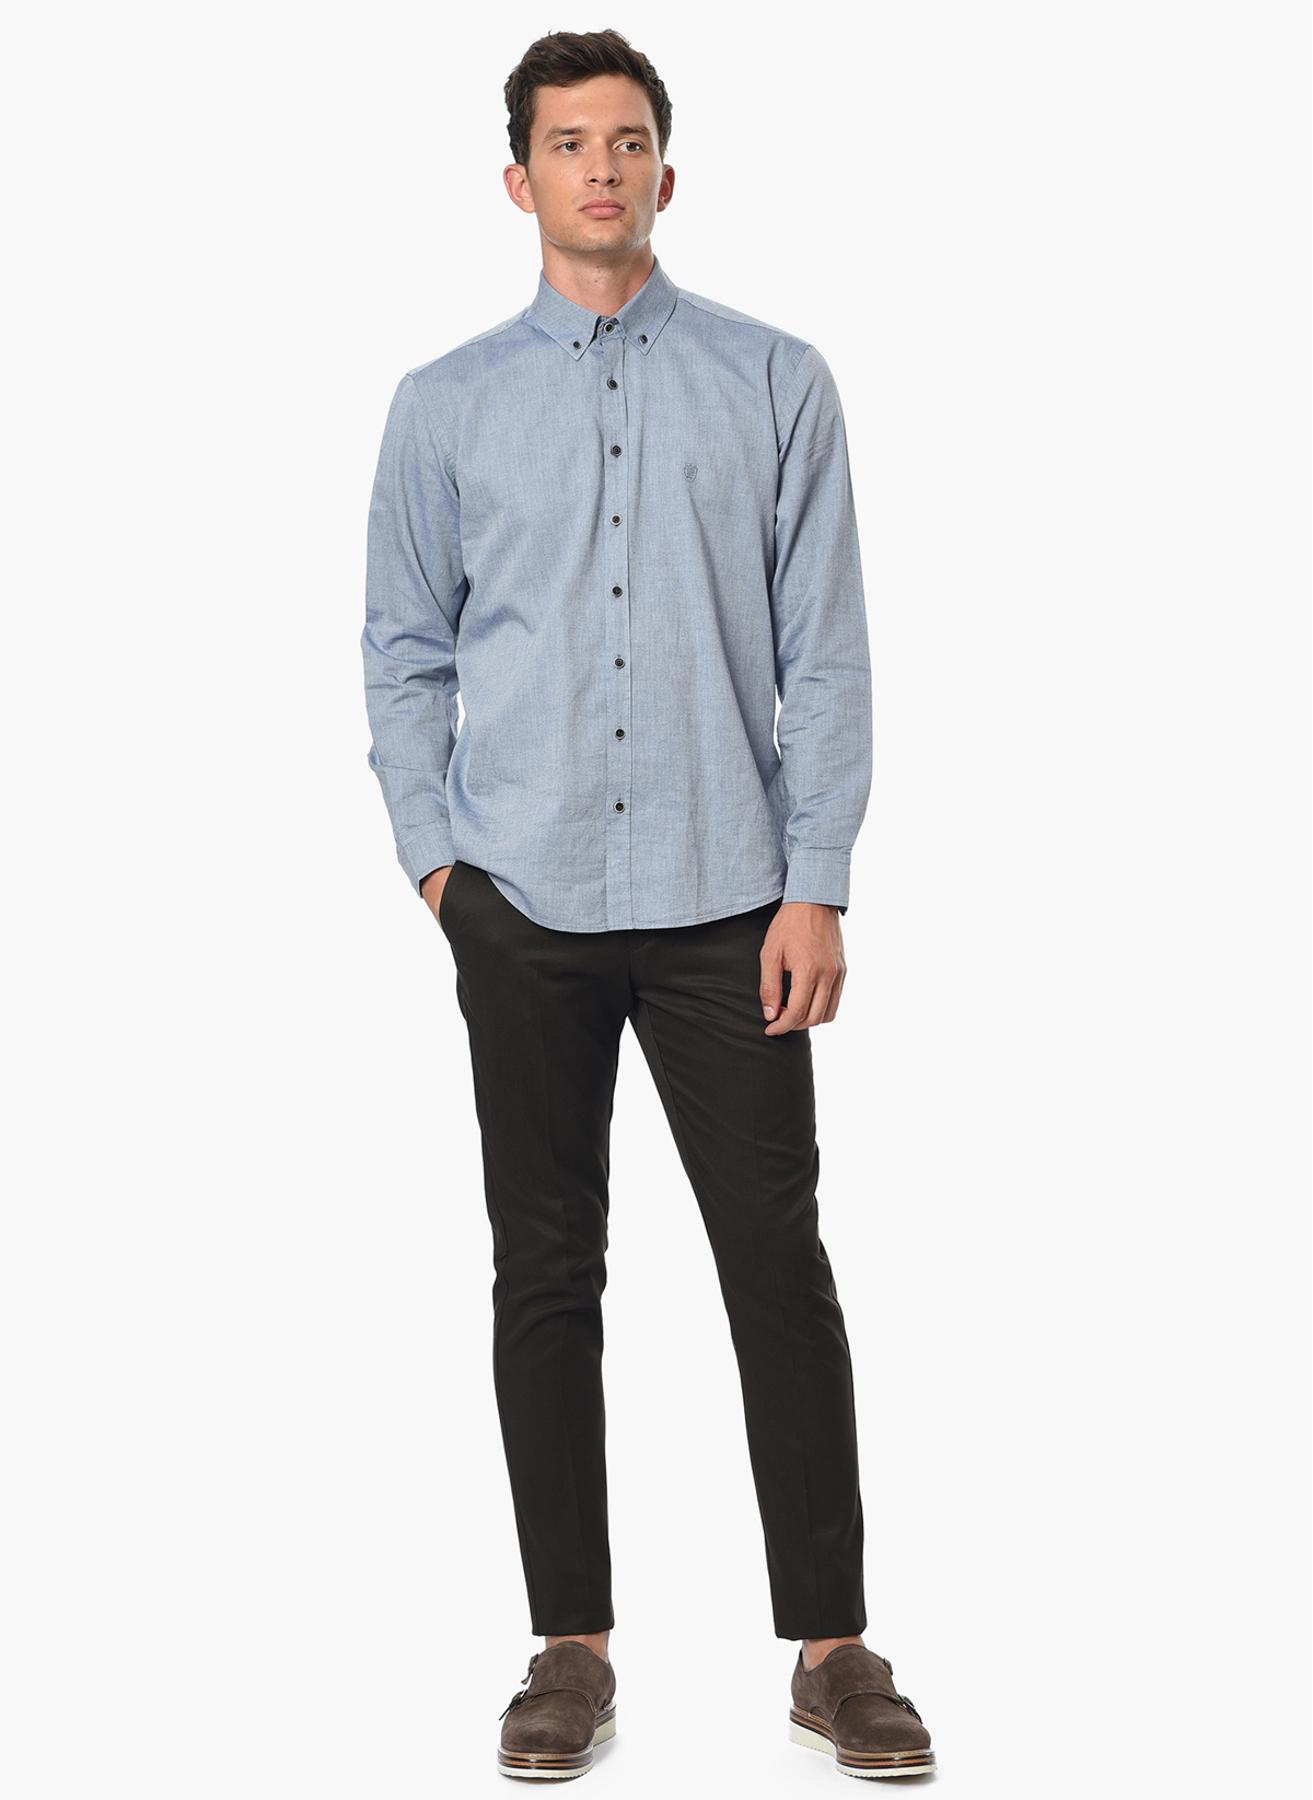 George Hogg Klasik Pantolon 46-6 5001699244001 Ürün Resmi